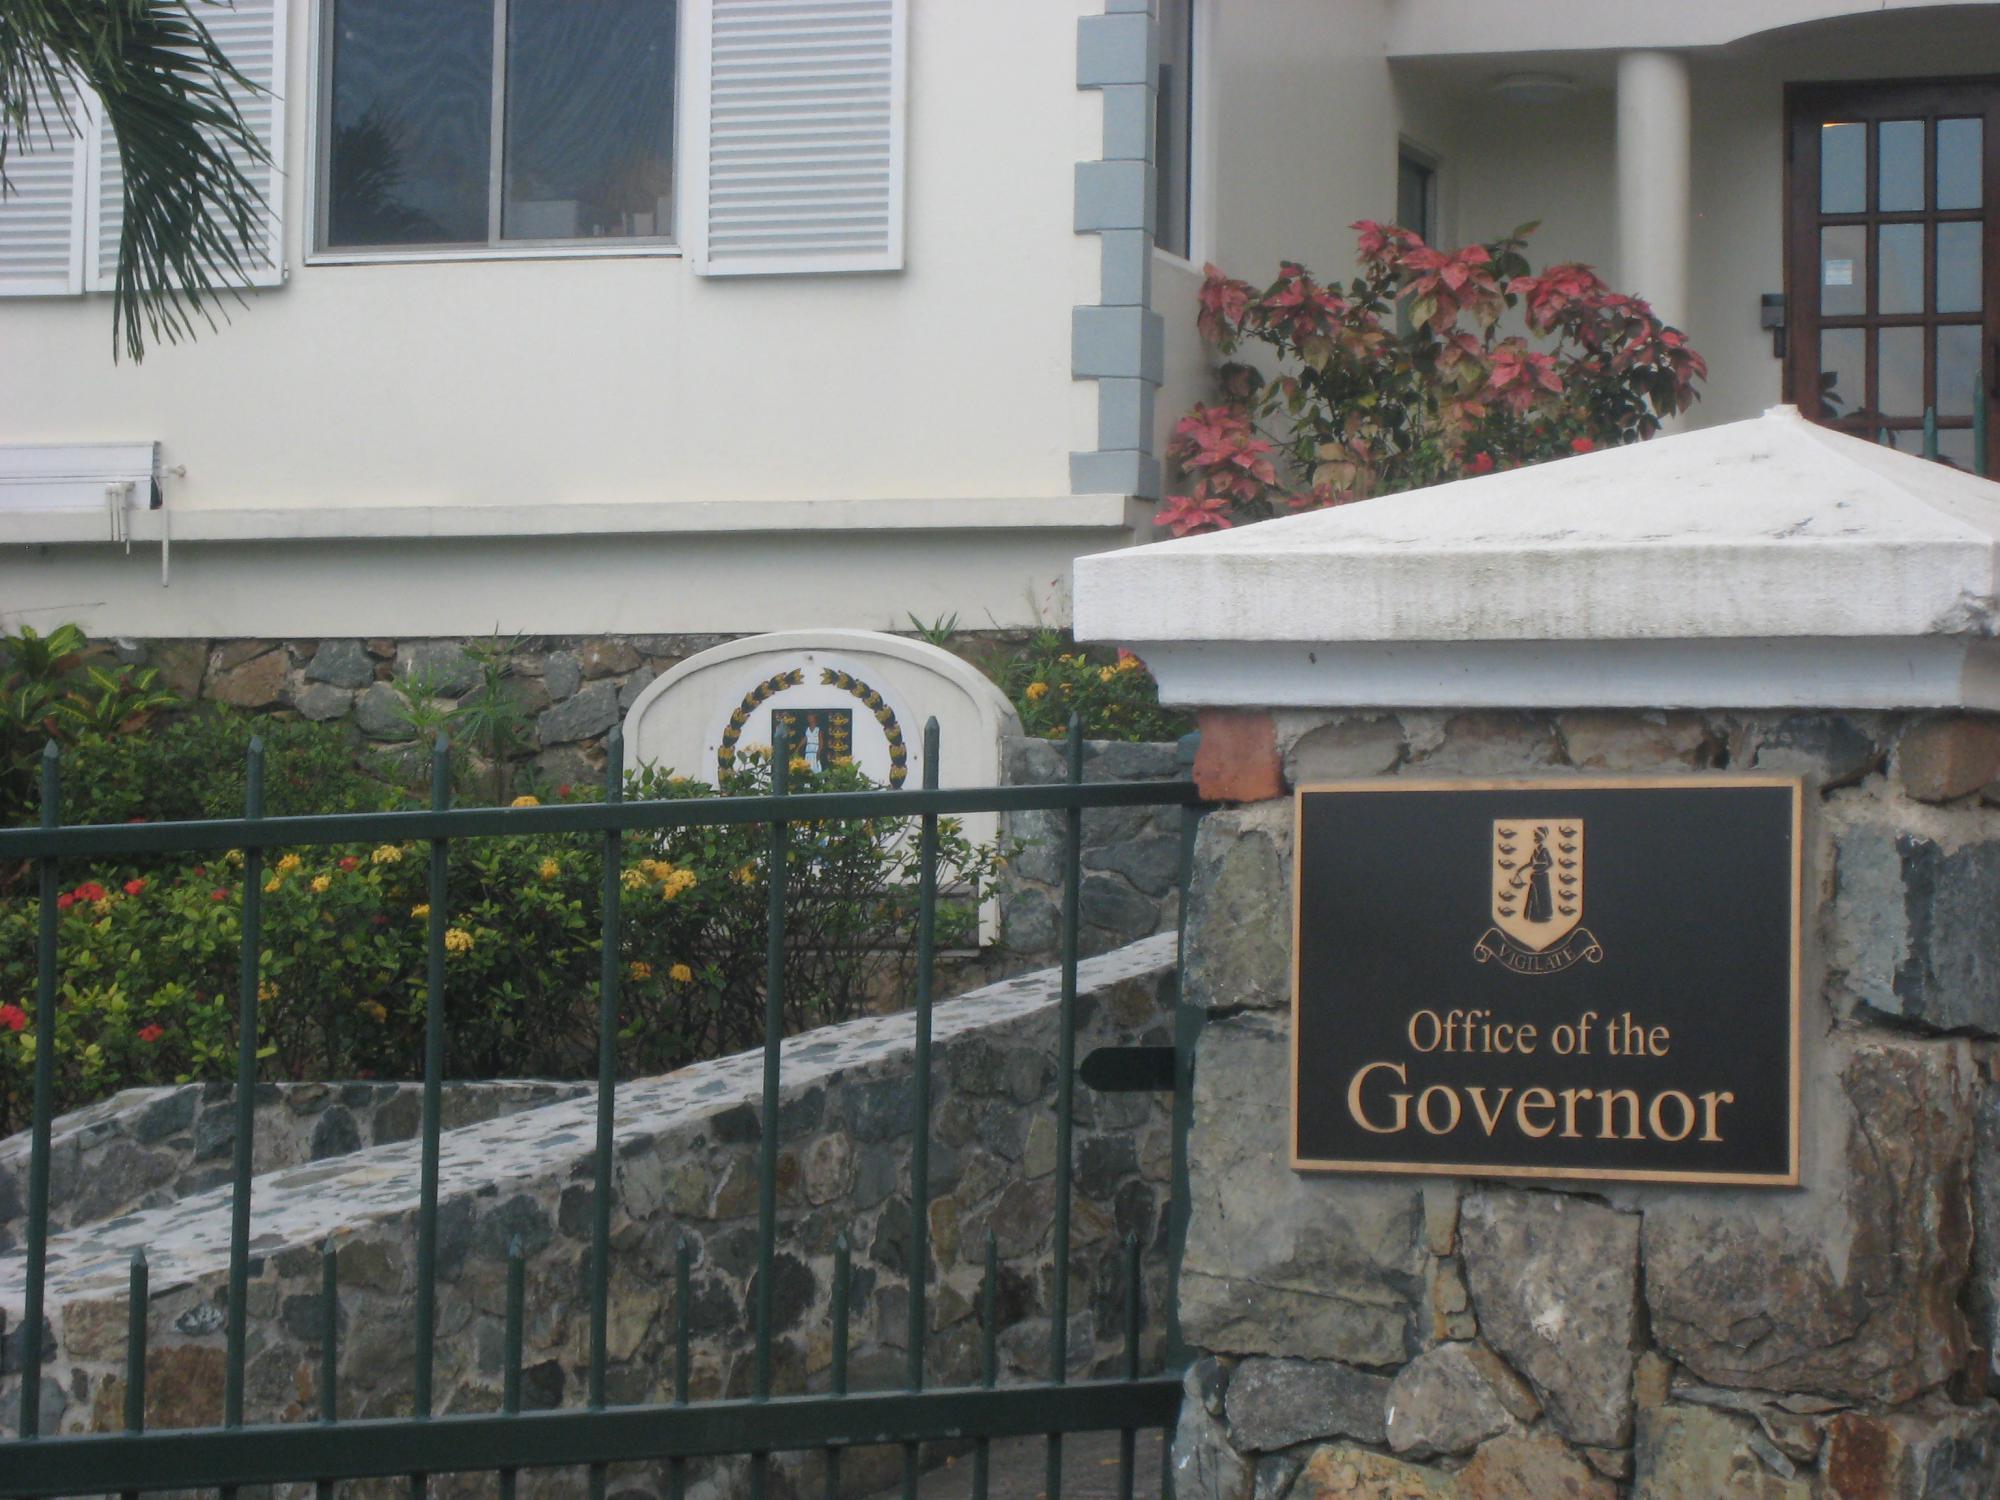 Офис Губернатора BVI. Еще один орган, где можно апостилировать документы